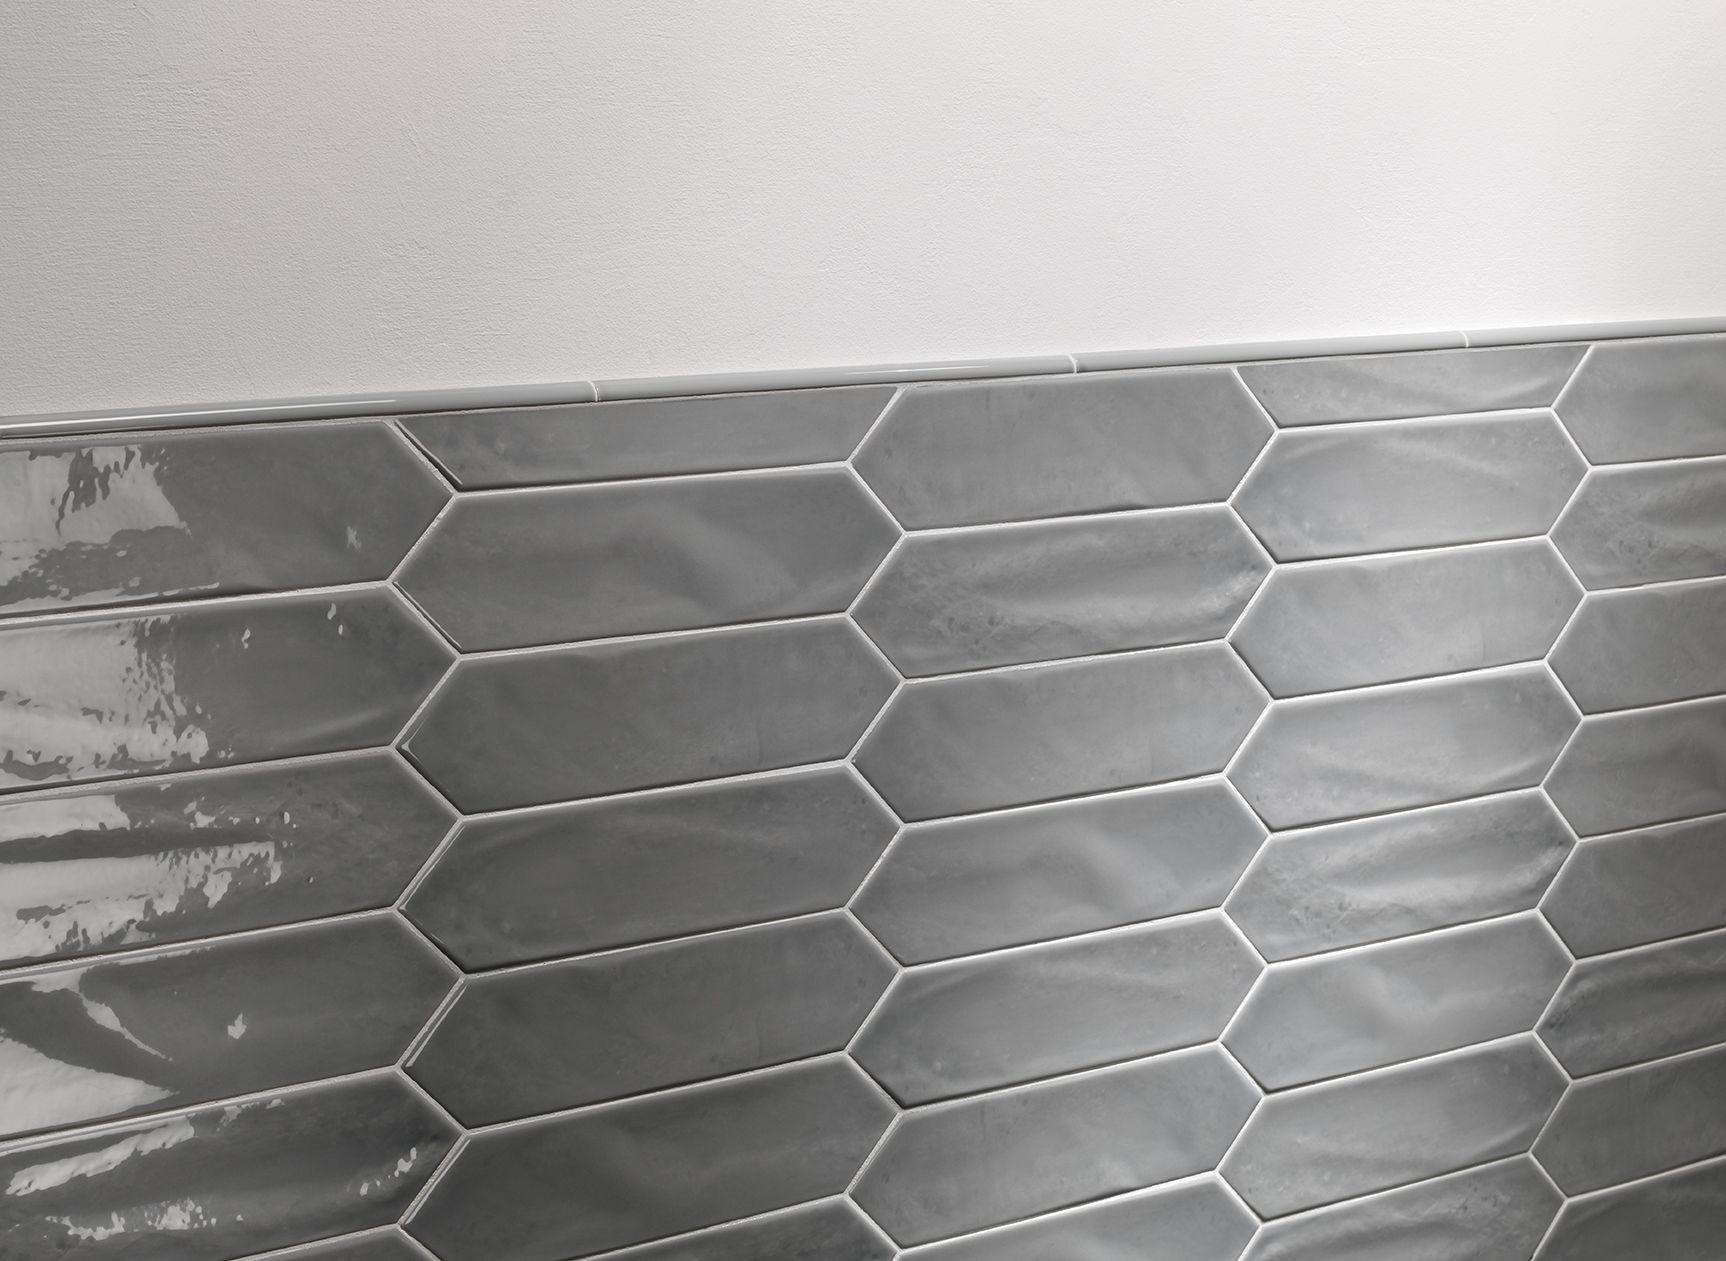 Crayons Smoke Gloss 7 5x30 Tiles Subway Tile Italian Tiles